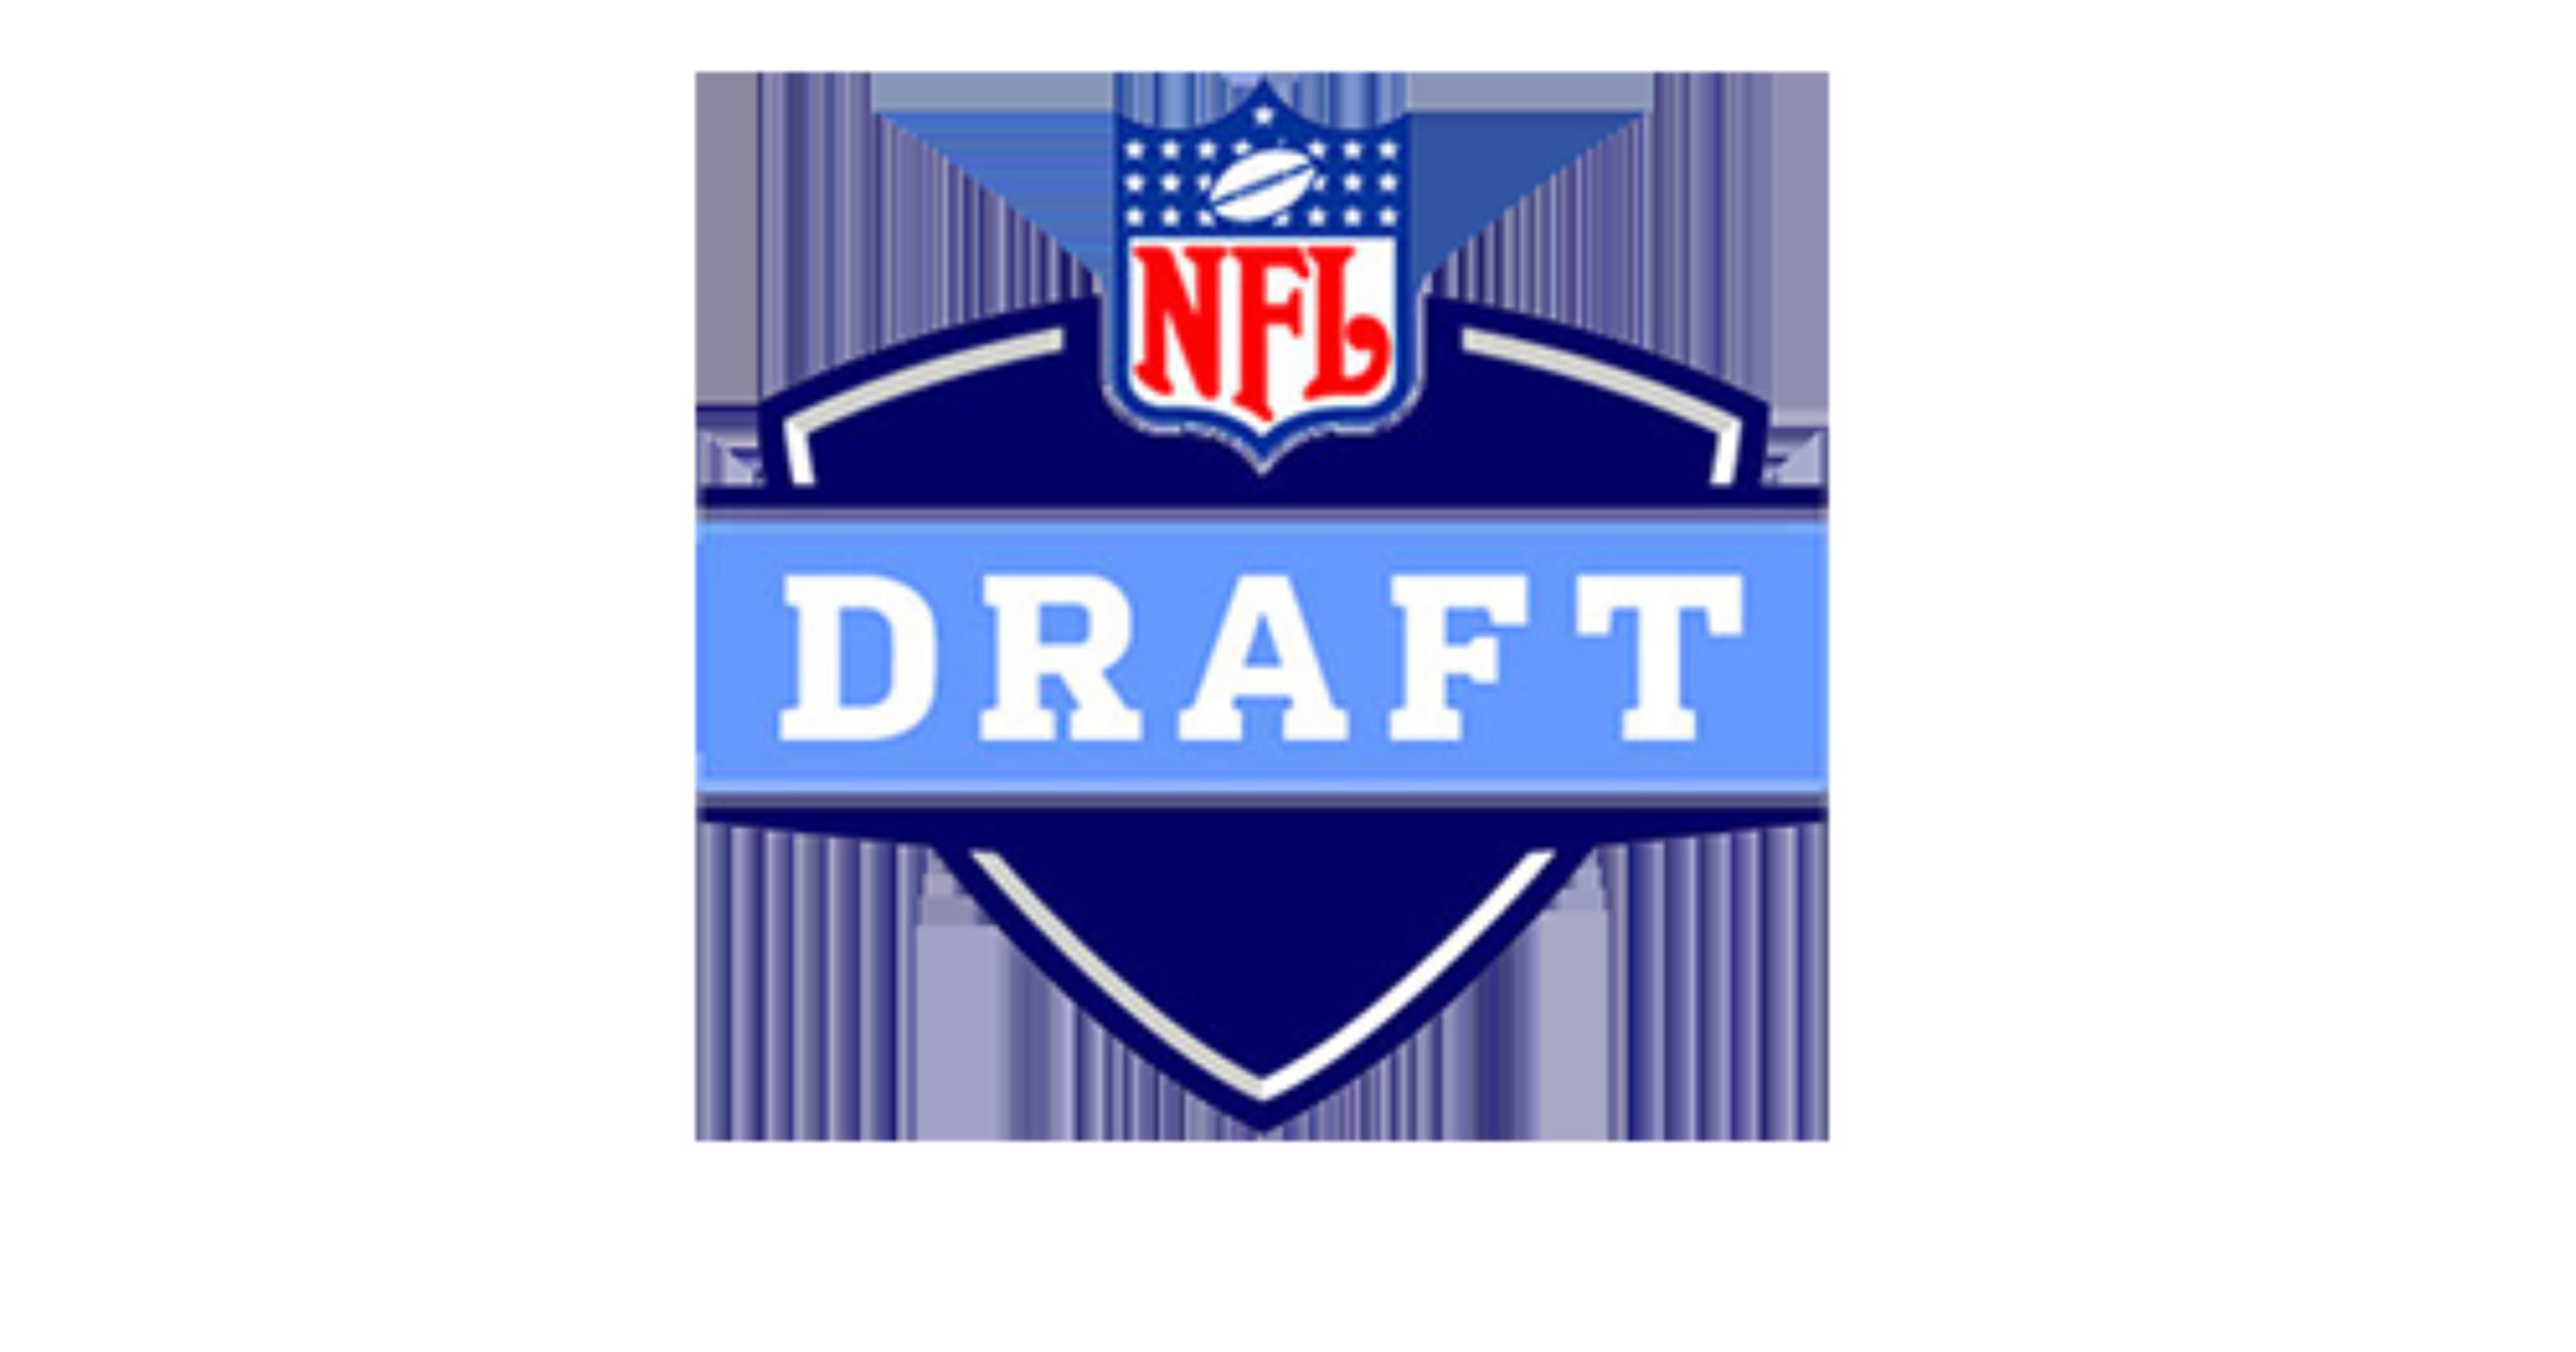 Nfl draft Logos.